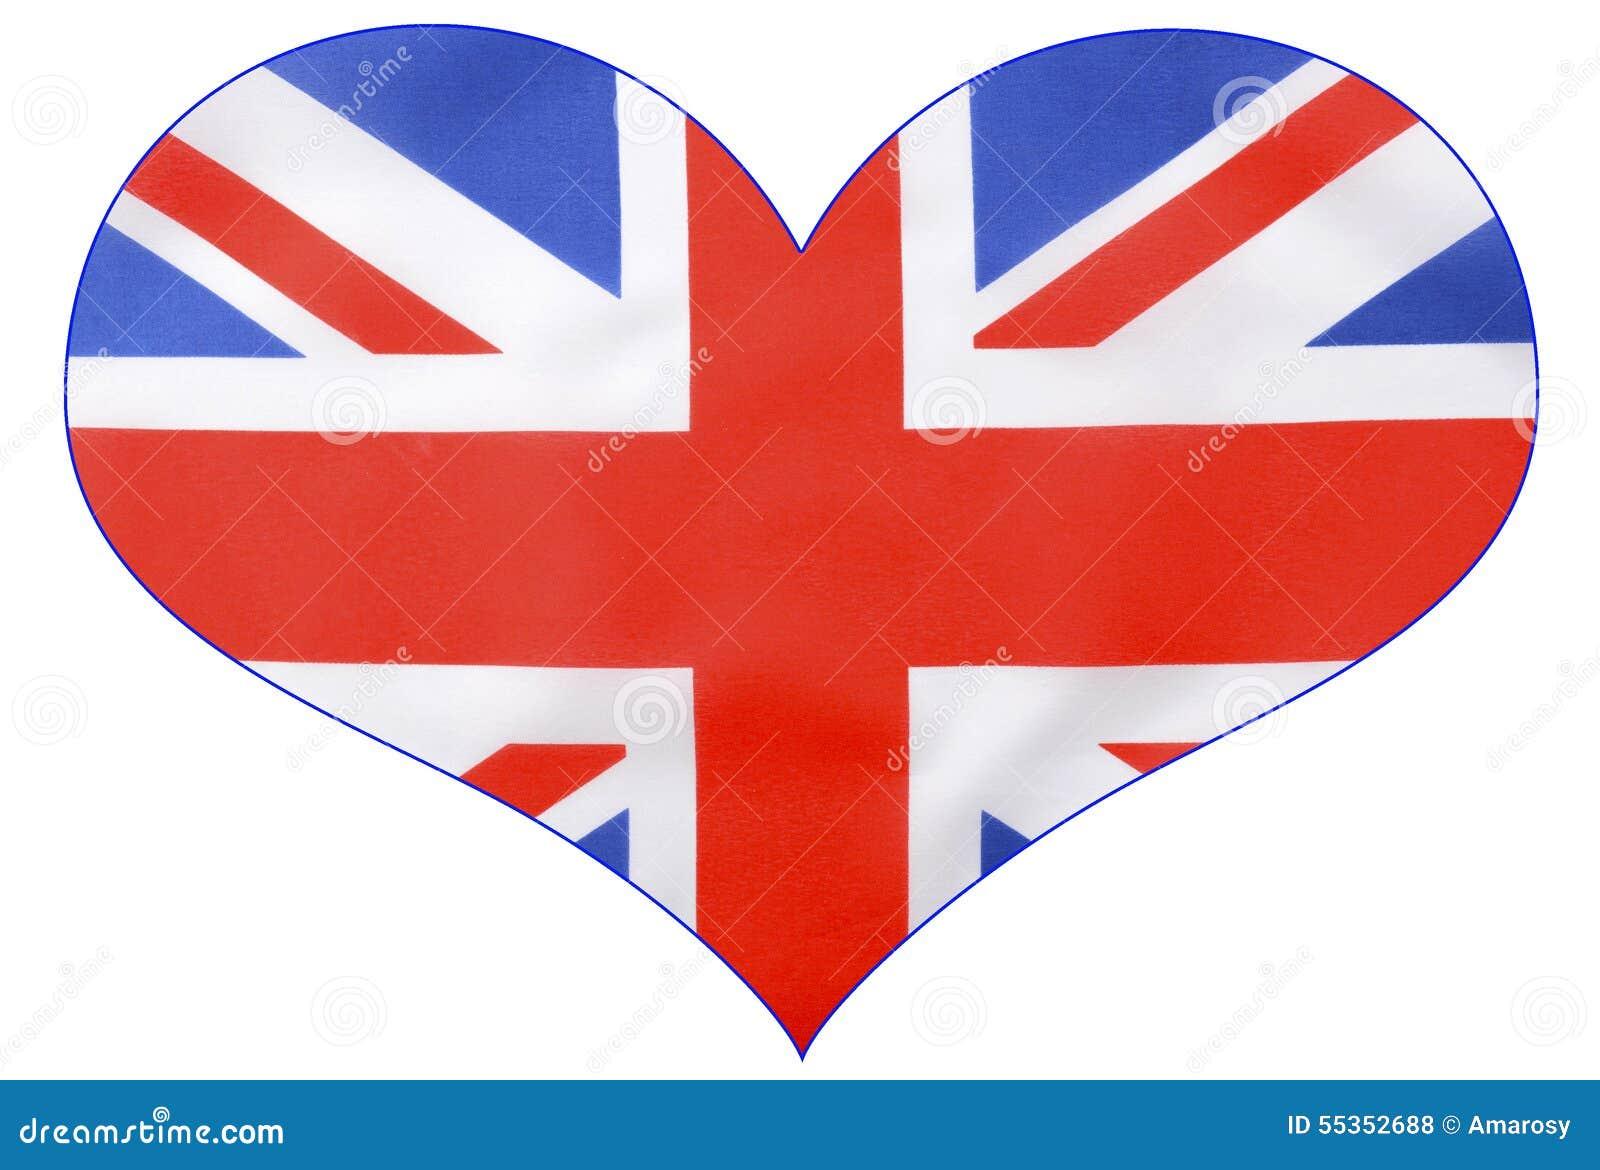 heart shape british union jack flag stock photo image 55352688